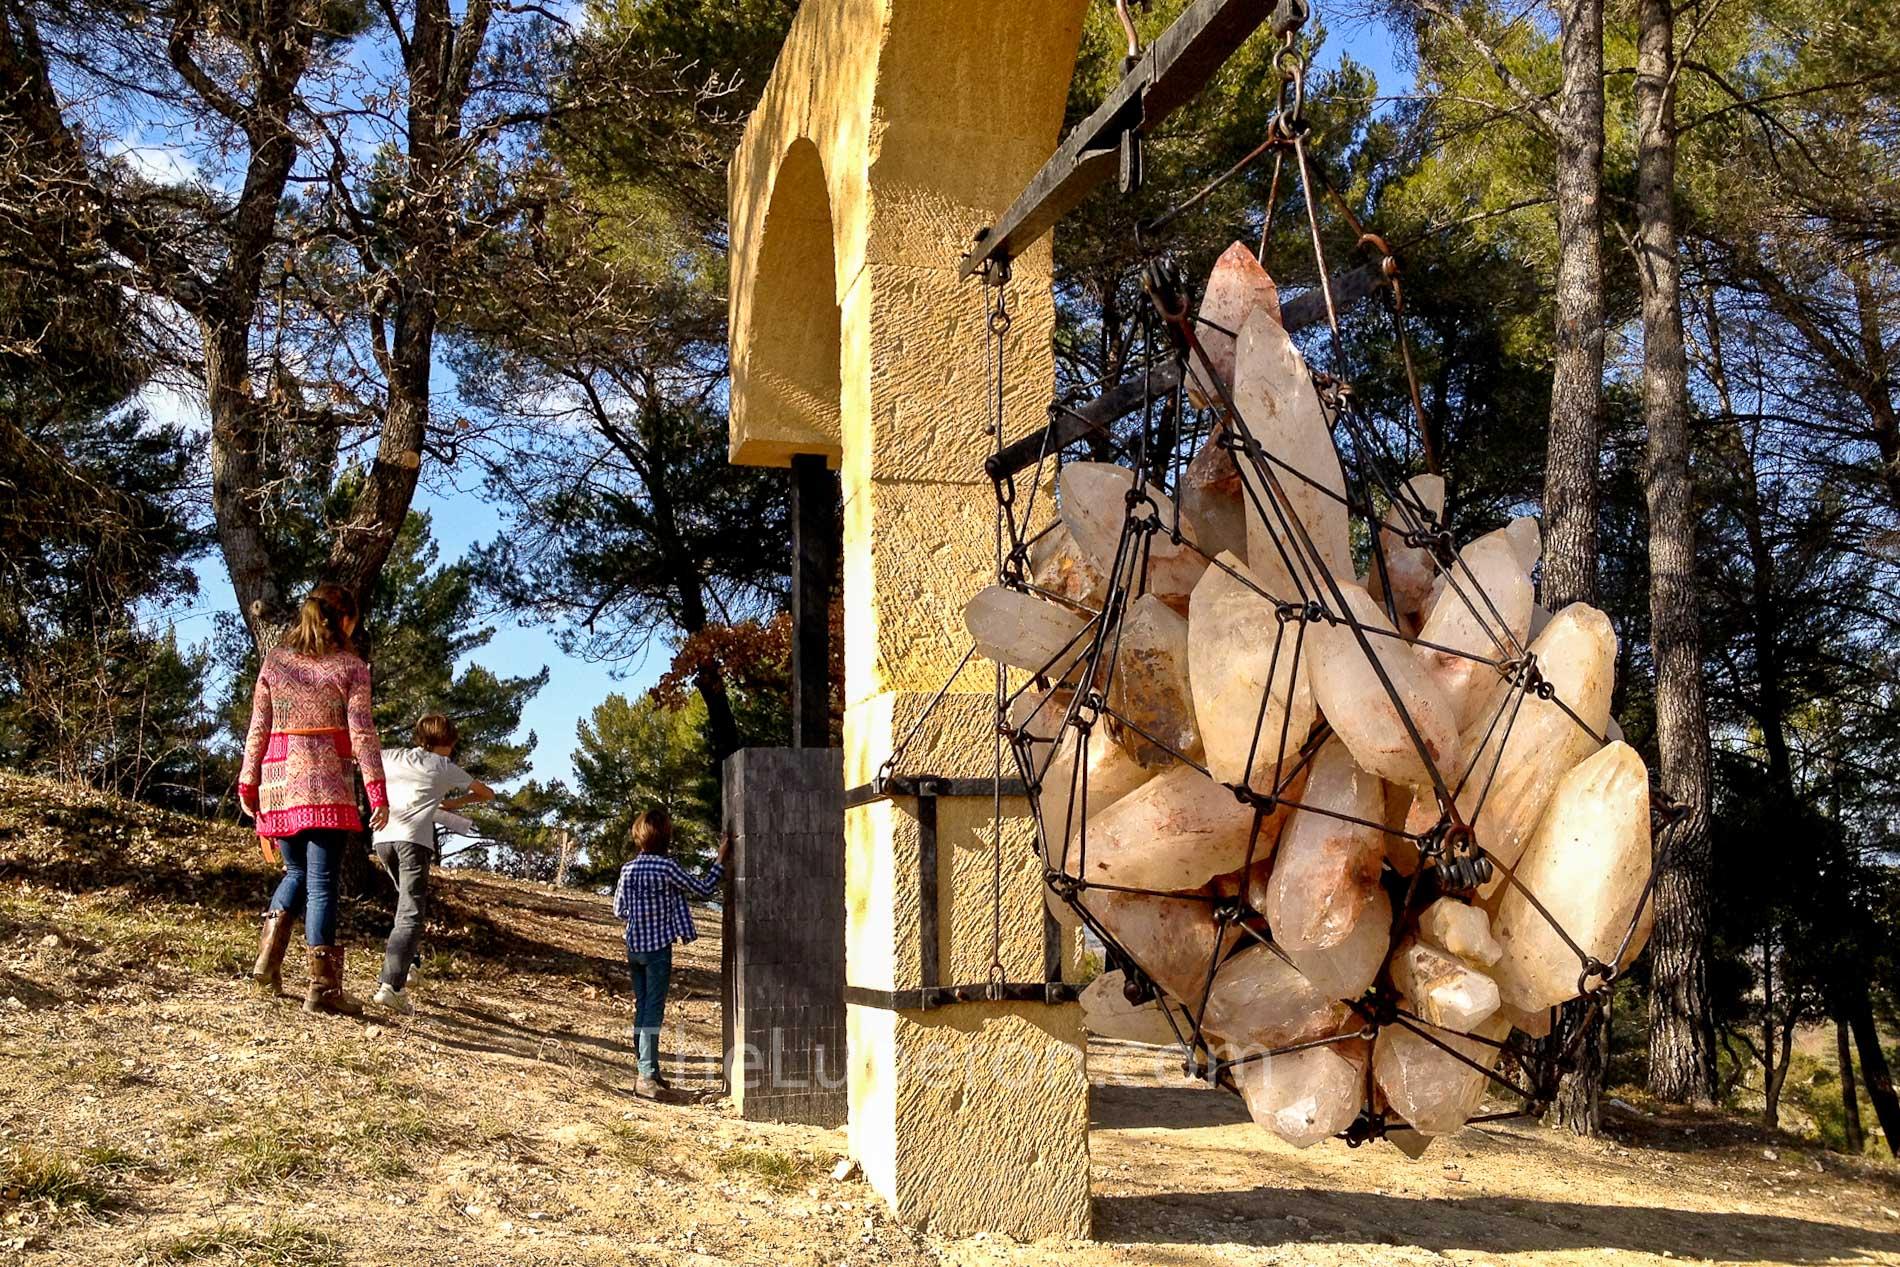 Art piece at Chateau La Coste